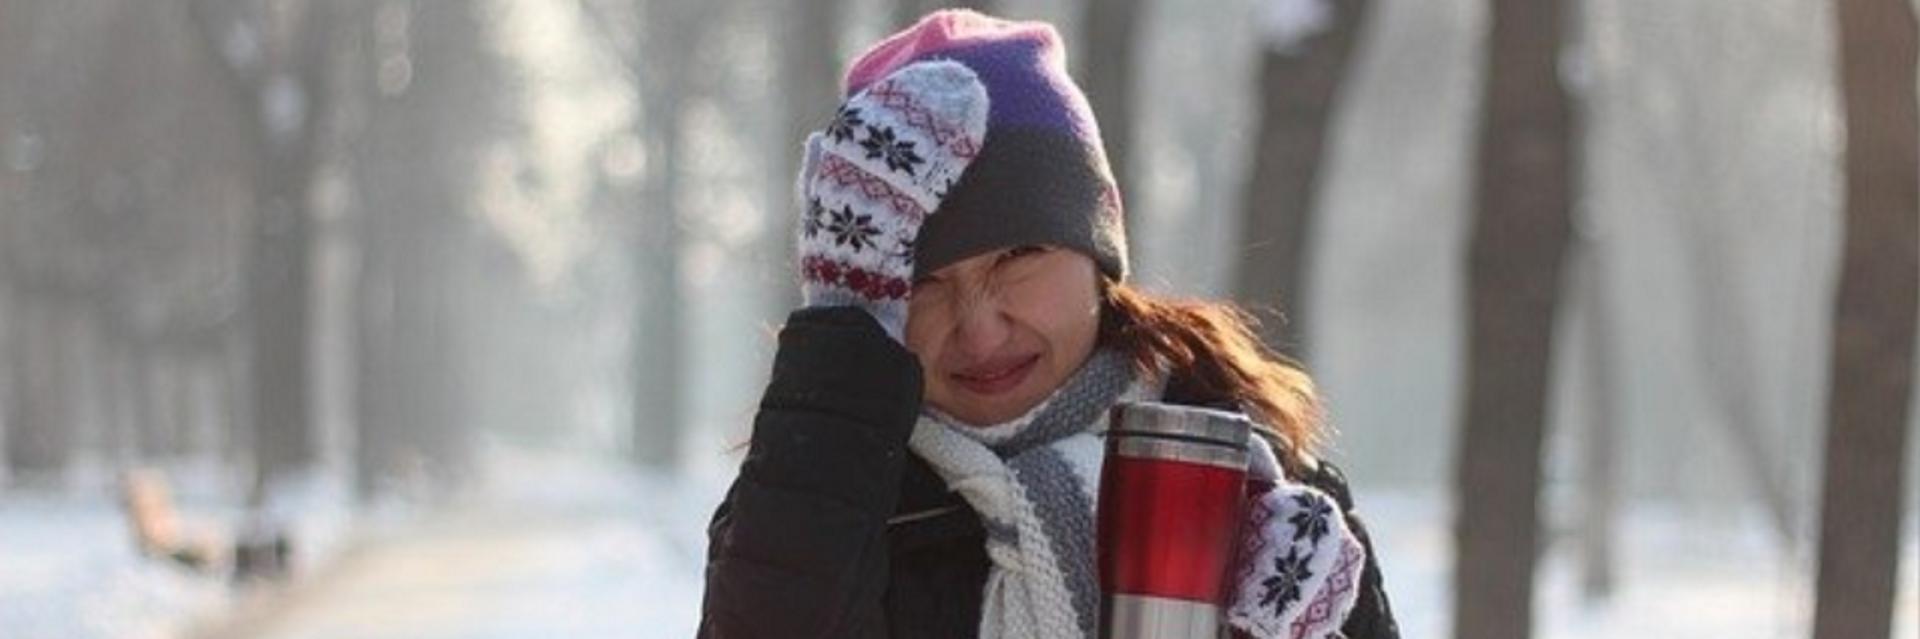 Zimne dreszcze – jak sobie z tym radzić? Przyczyny i leczenie dreszczy